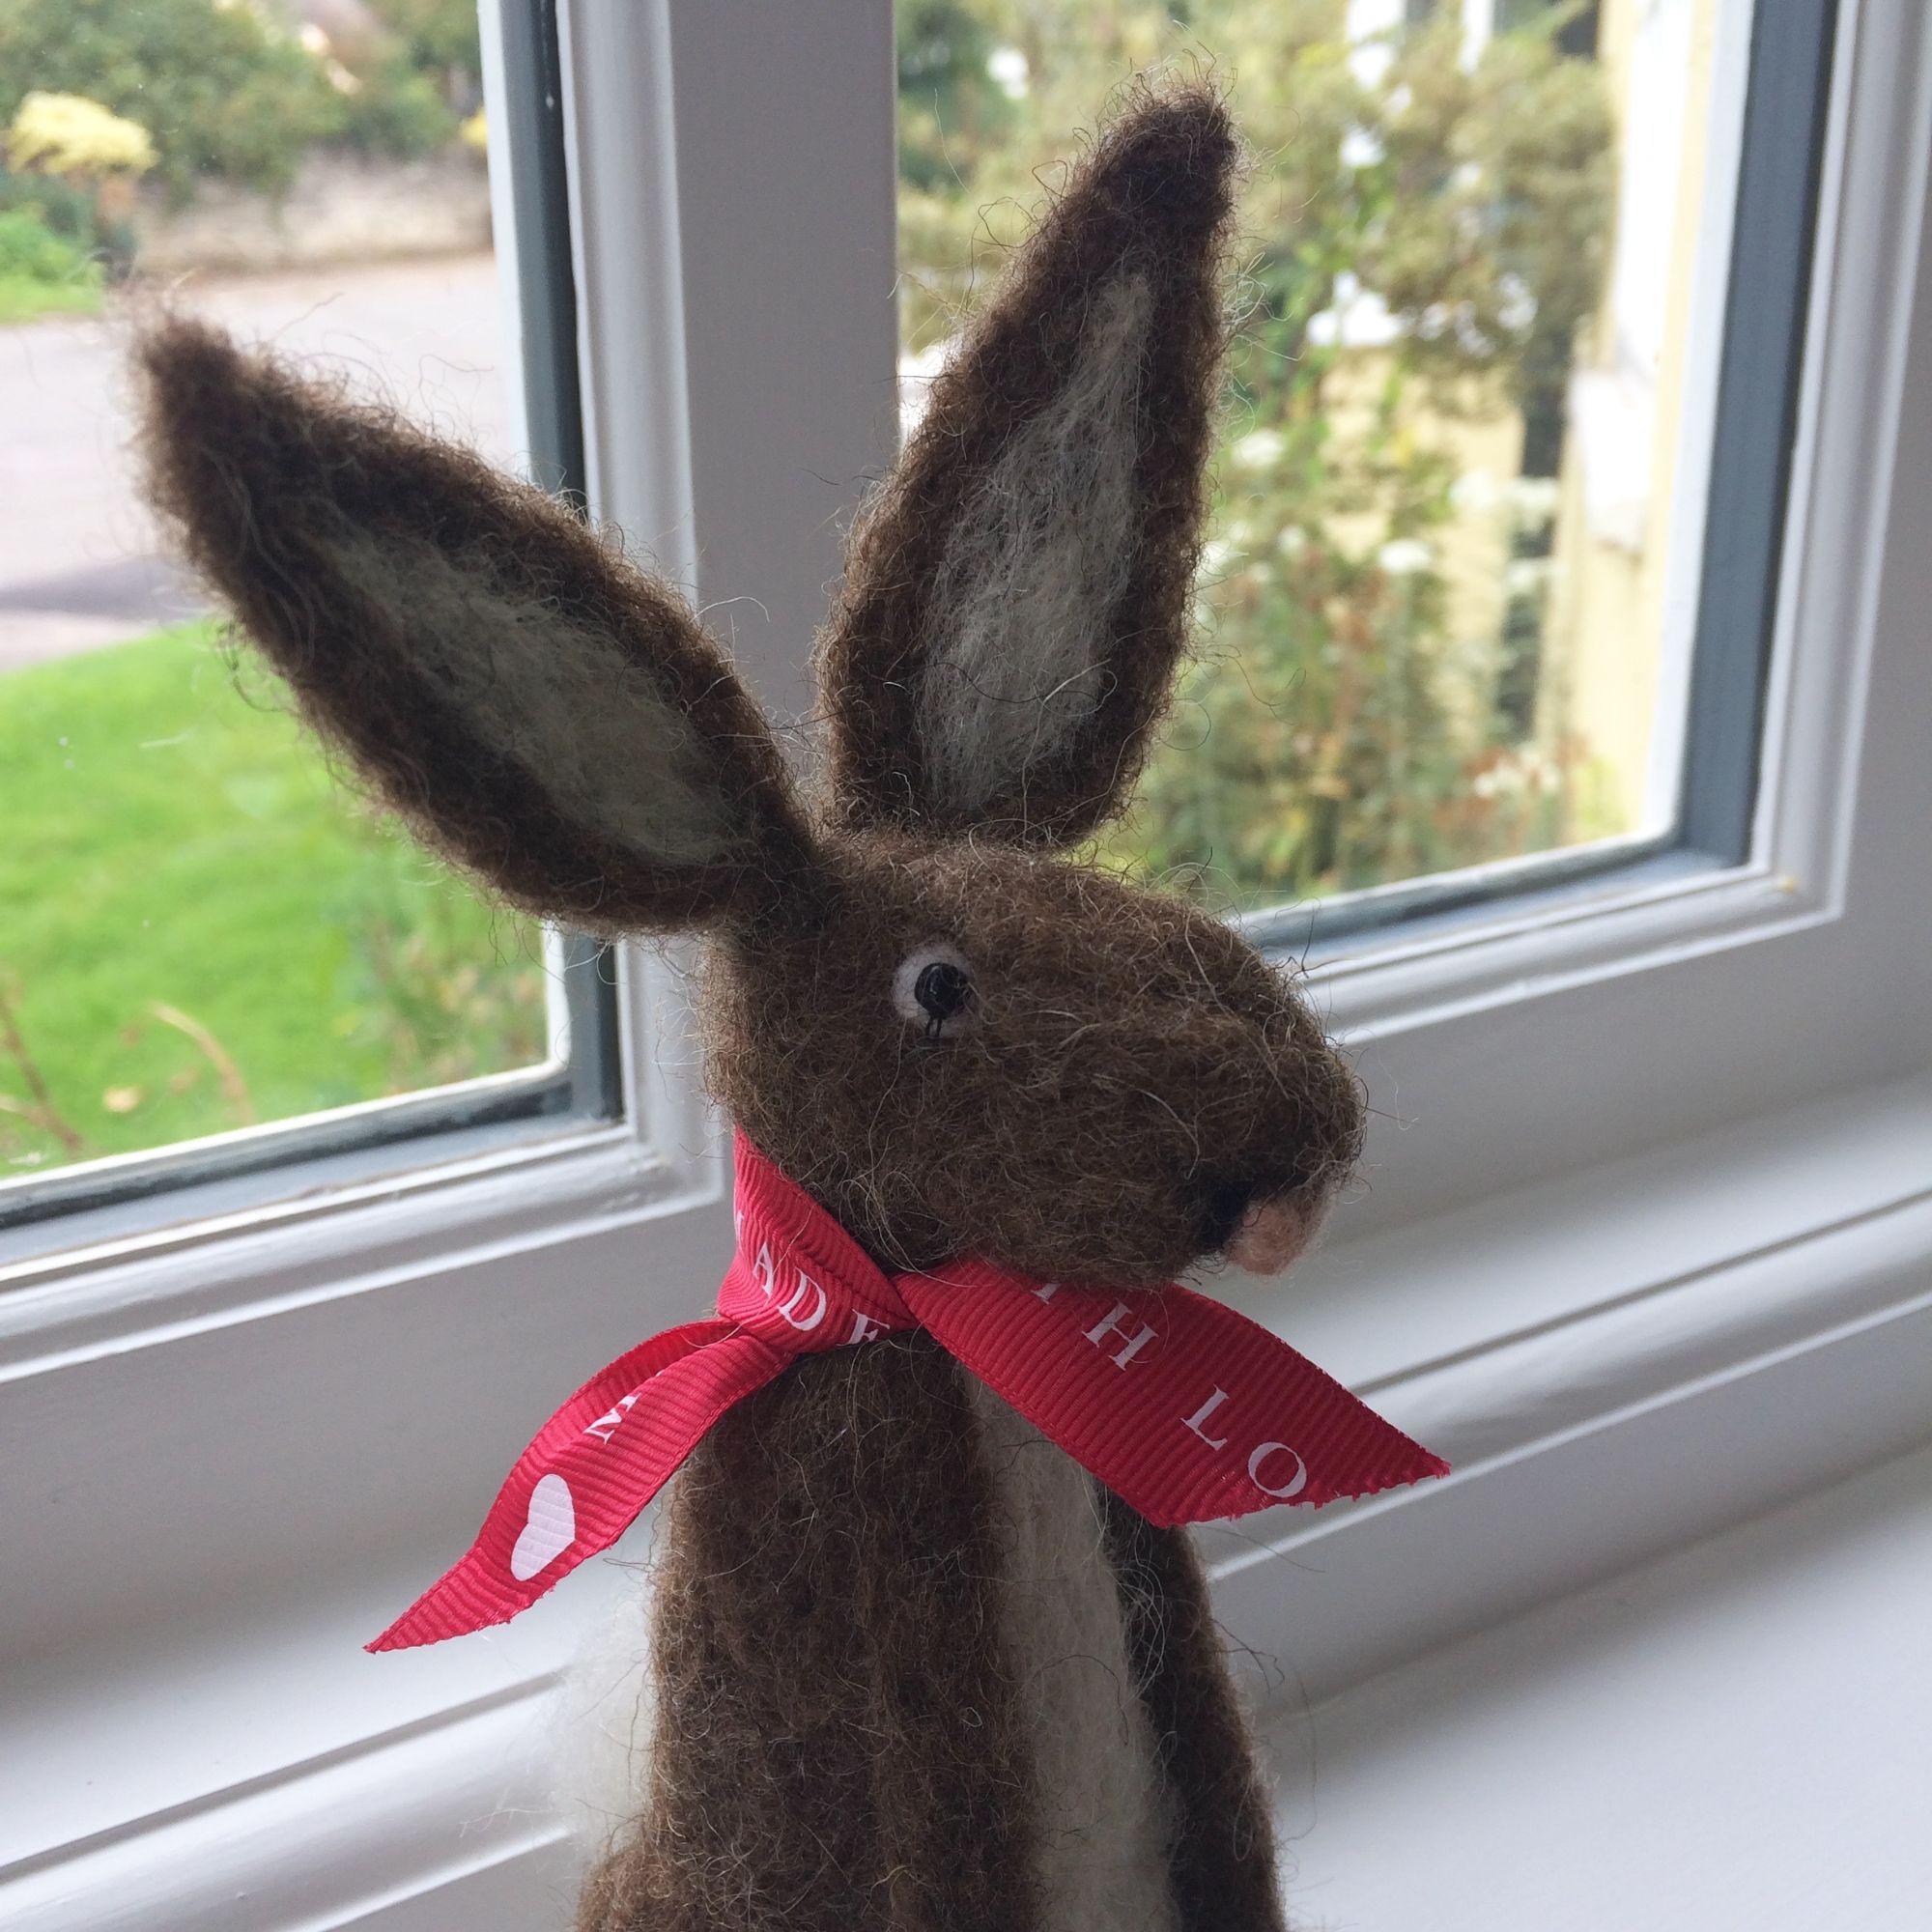 Hare Needle Felting Workshop - Handsome Hare